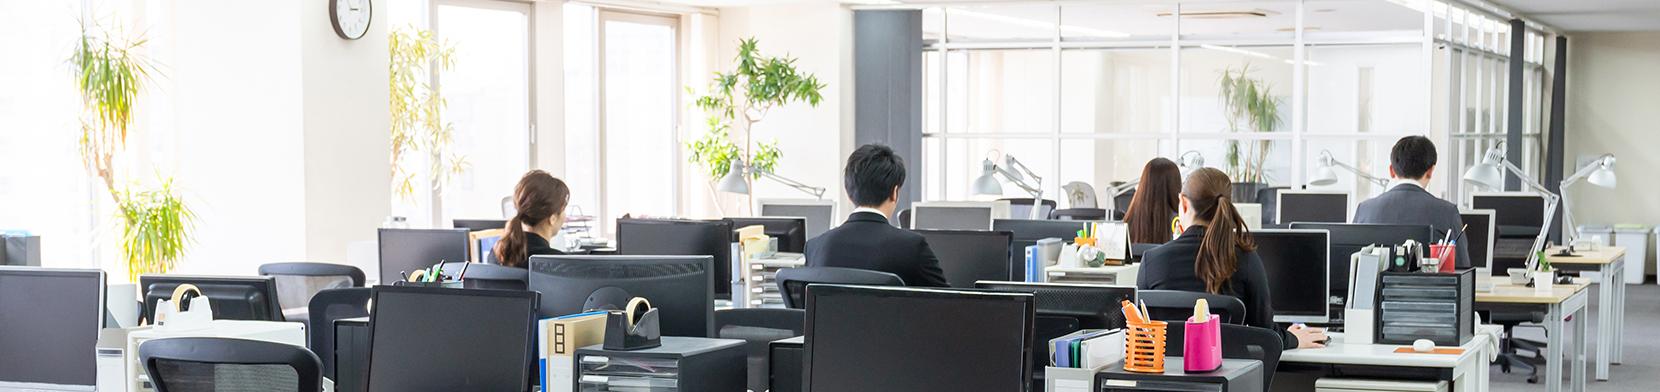 わたしたちは、情報社会での安全と、豊かな暮らしをサポートする企業を目指しています。